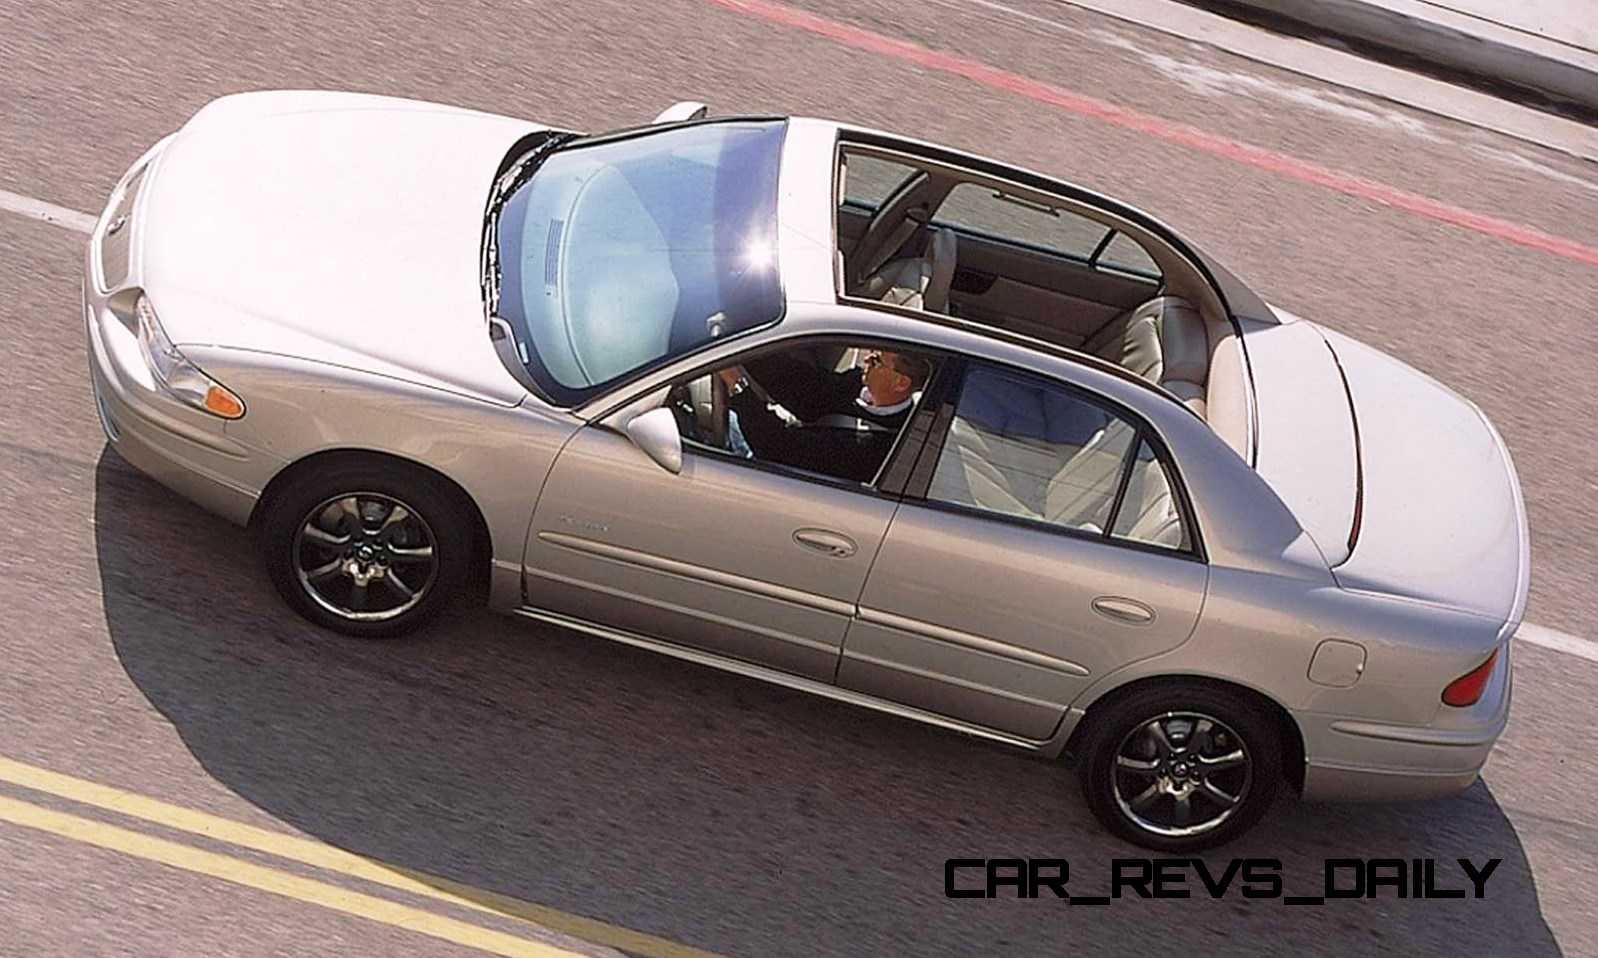 http://www.car-revs-daily.com/wp-content/uploads/2014/12/2000-Buick-Regal-Cielo-2.jpg